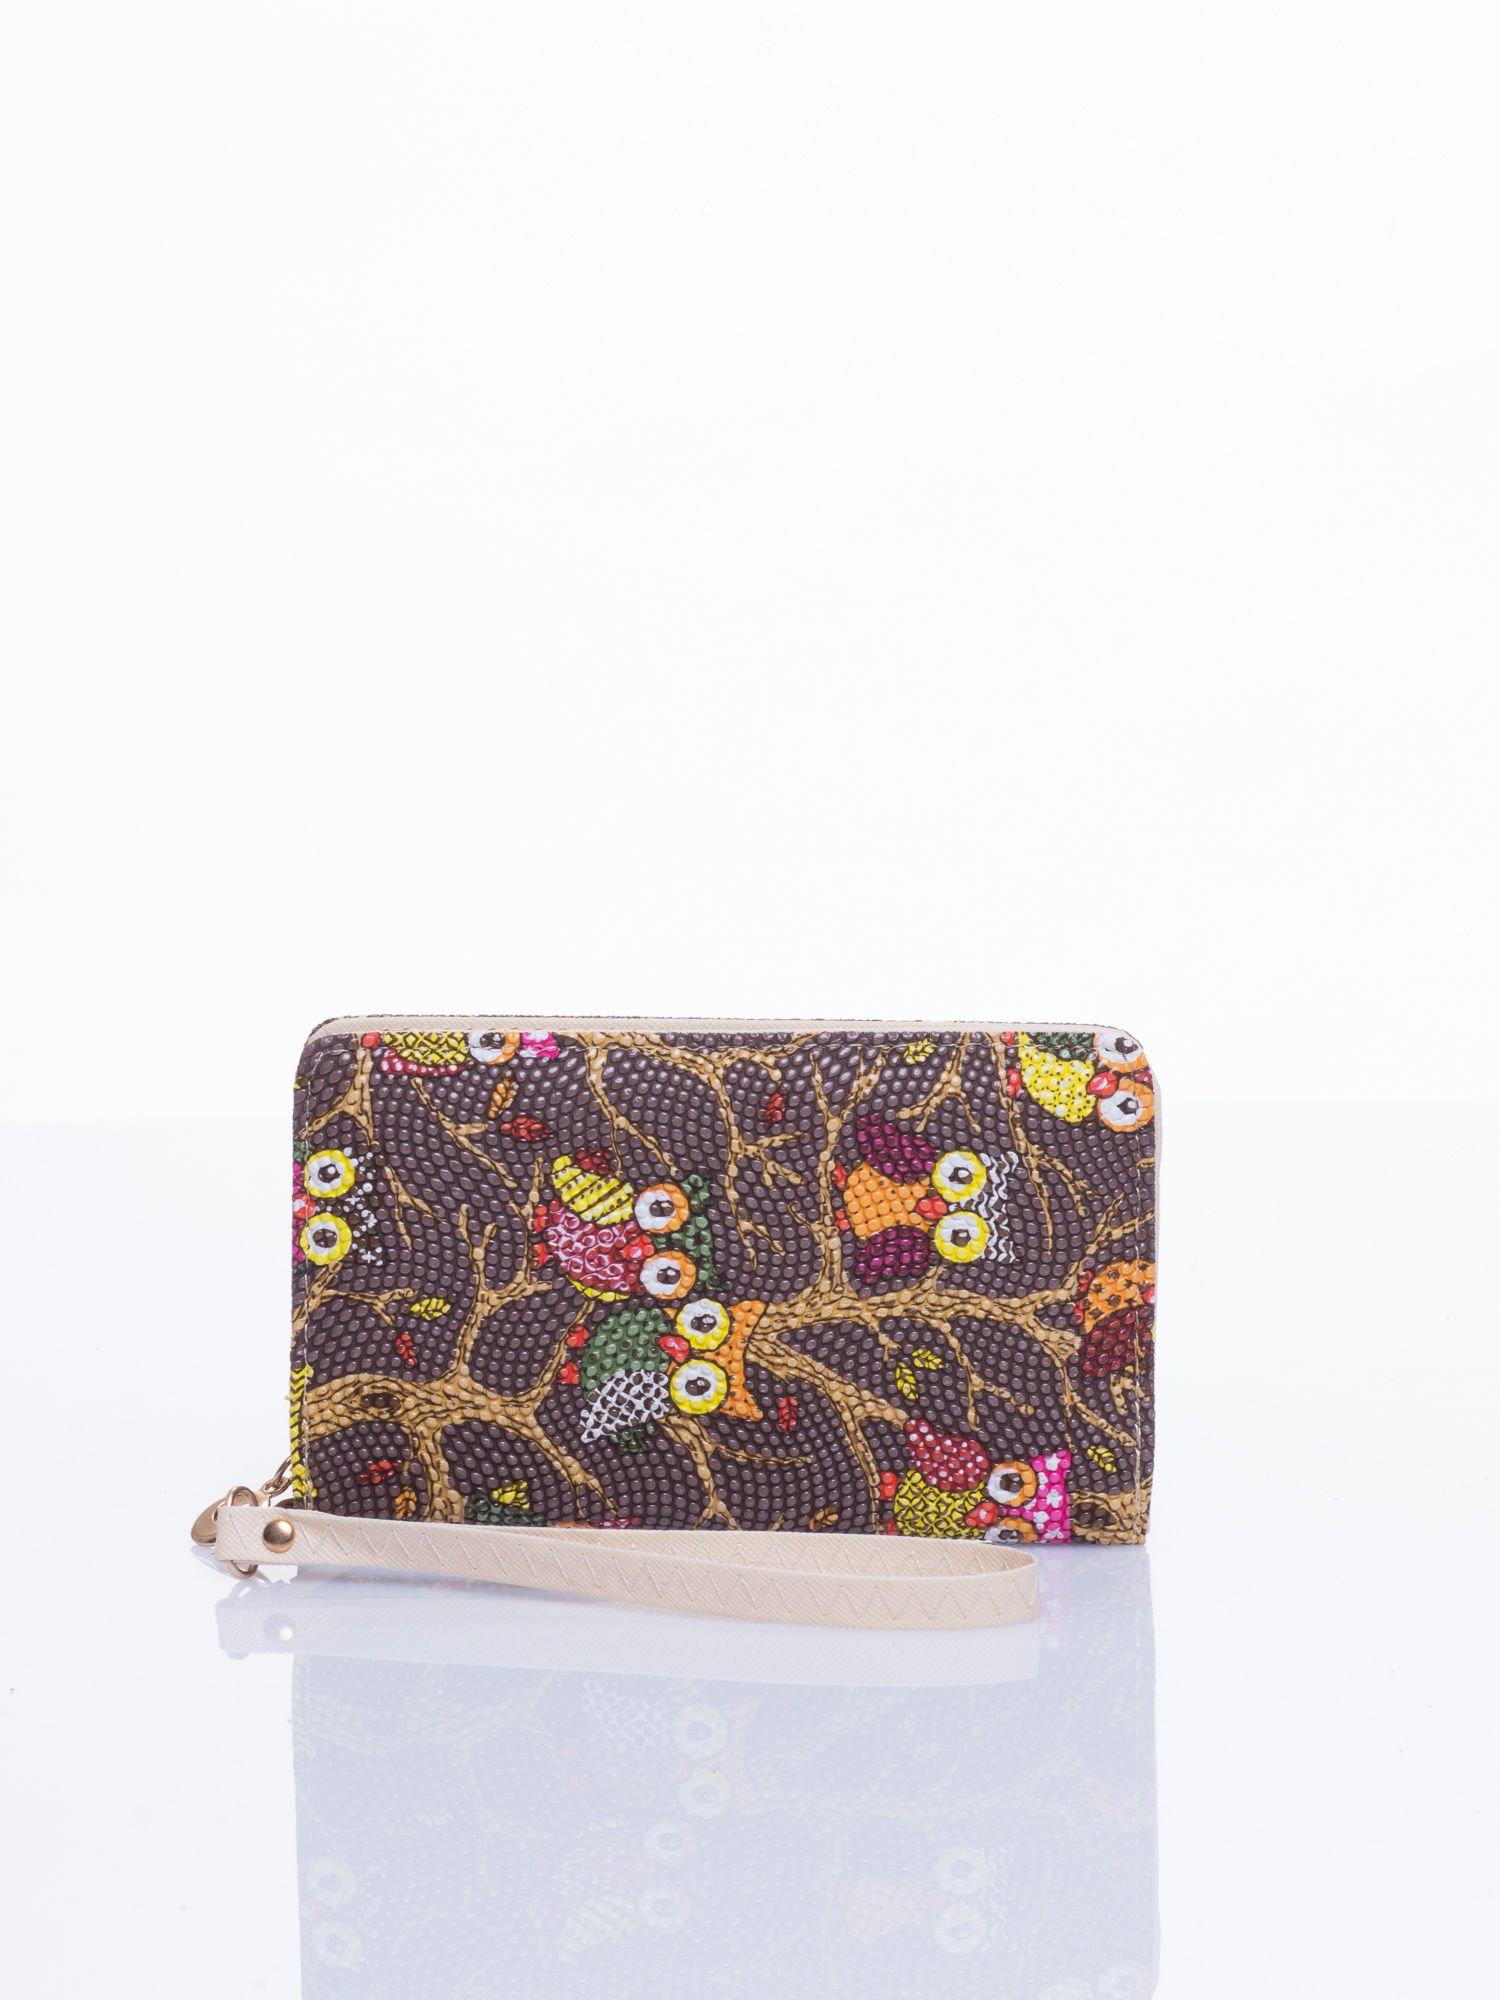 Brązowy mini portfel w sówki                                  zdj.                                  1